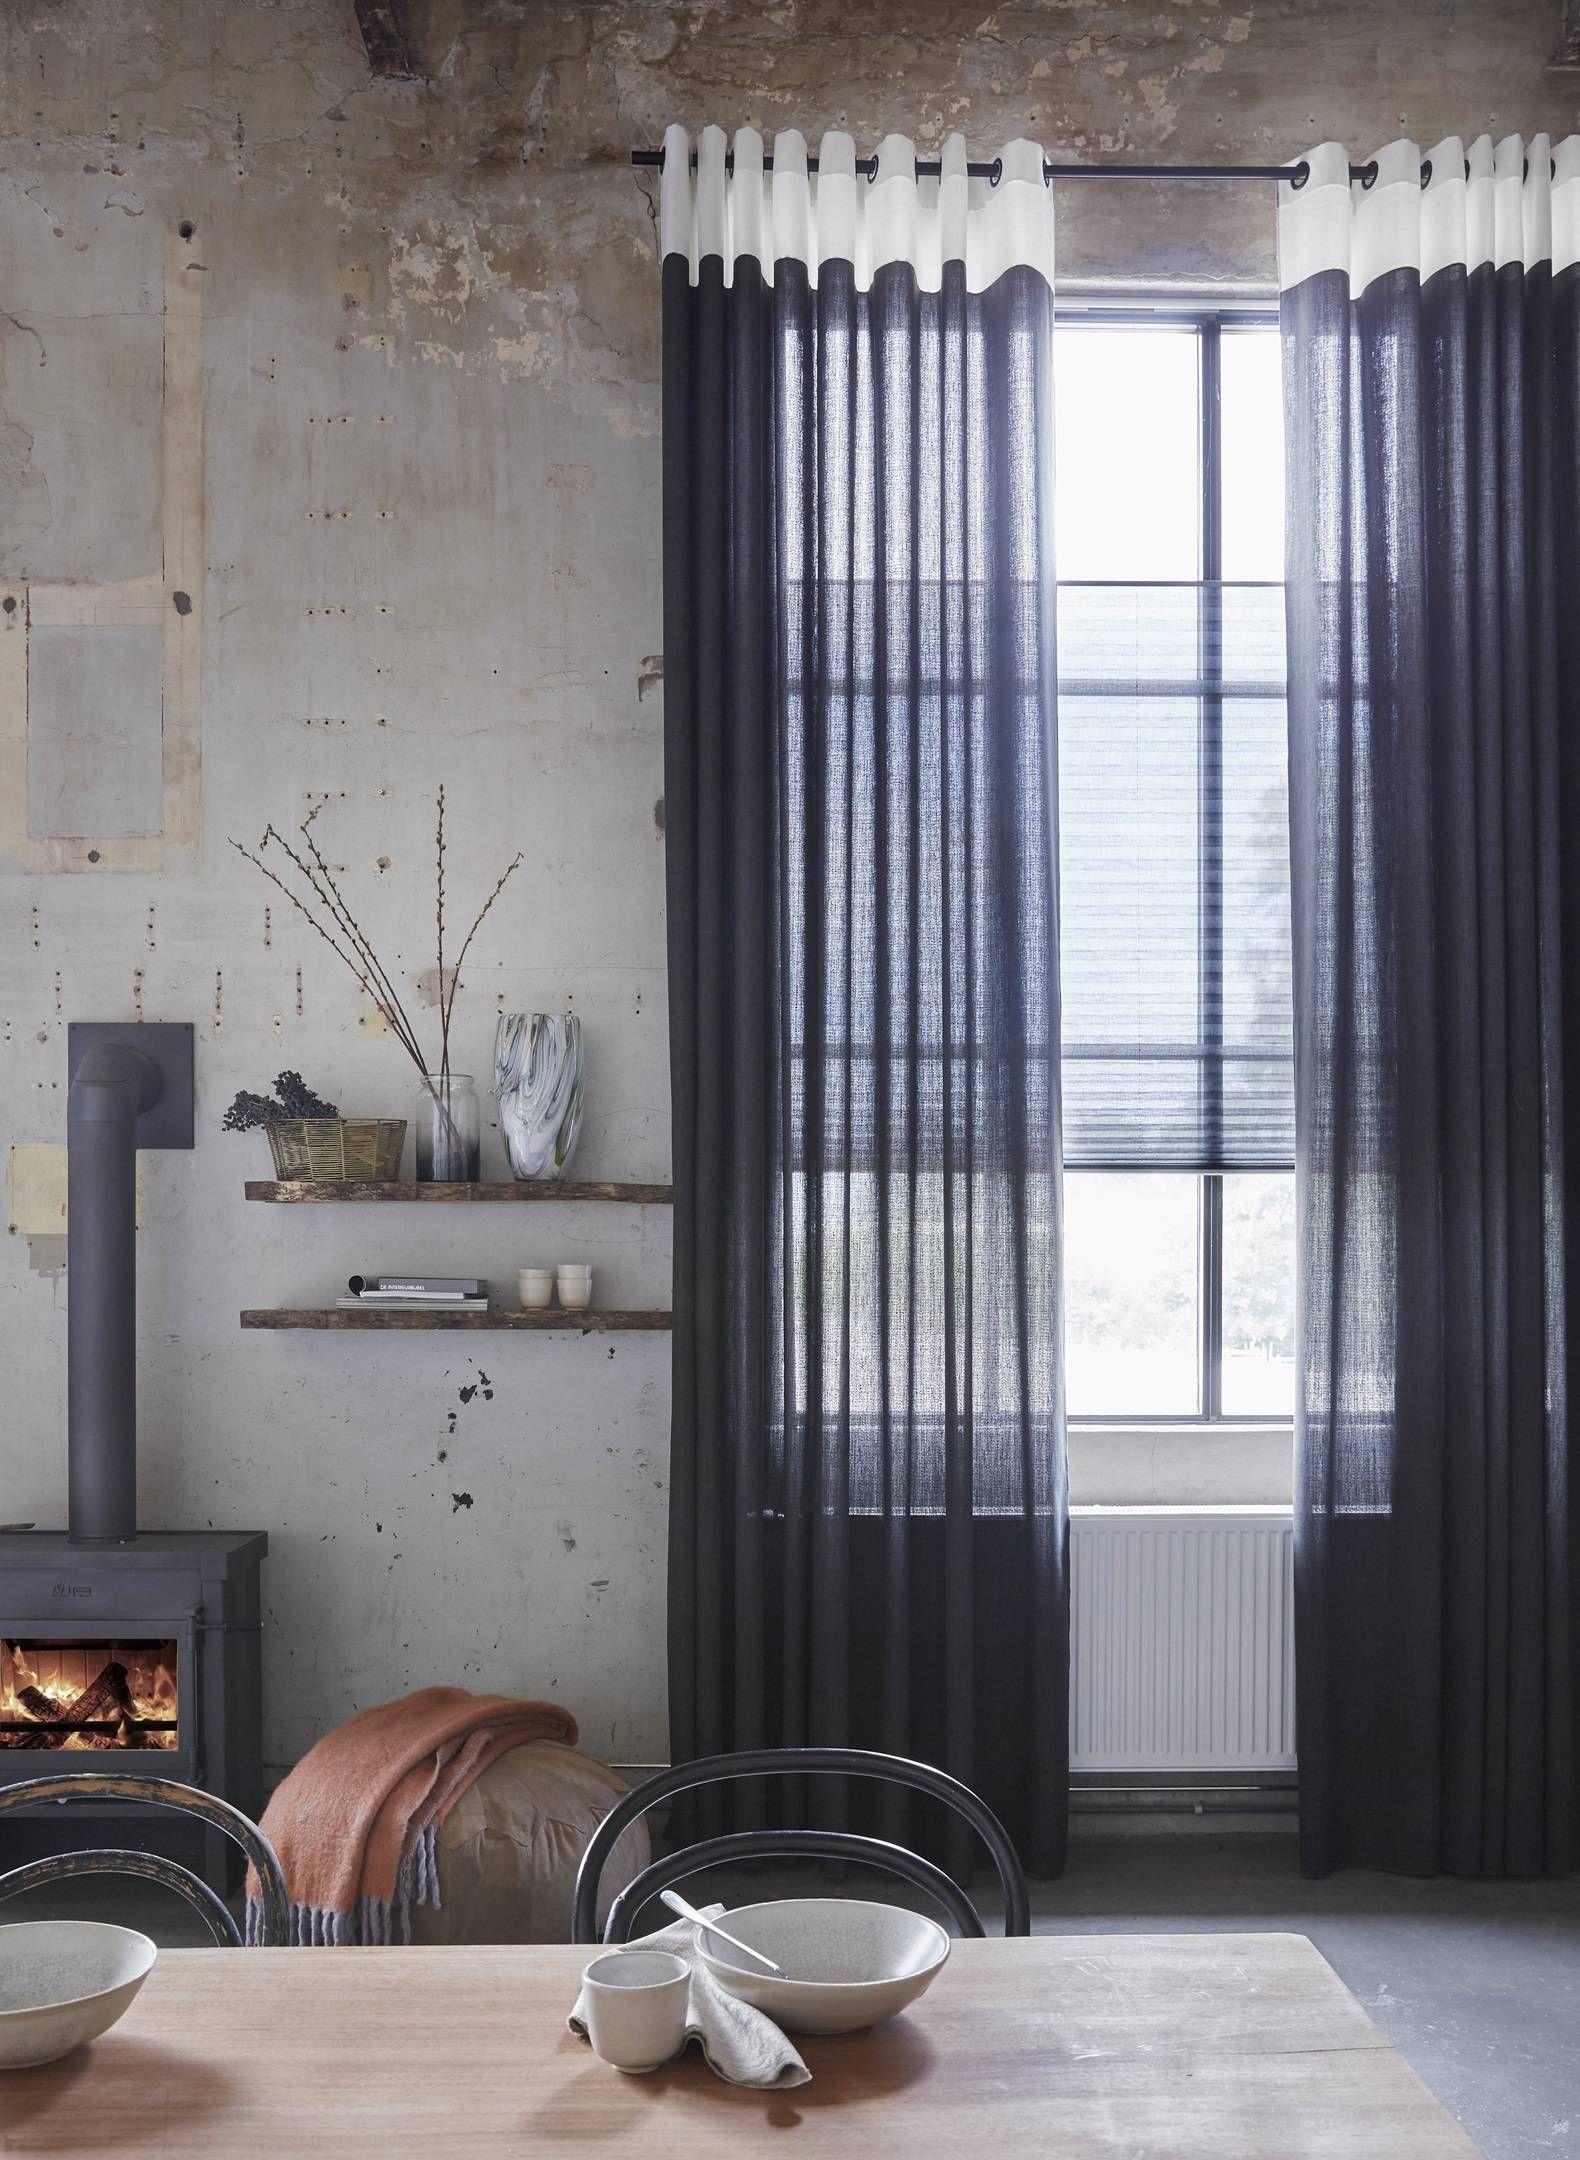 Gordijninspiratie Voor Een Industrieel Interieur A House Of Happiness Gordijnen Industriele Woonkamers Raamdecoratie